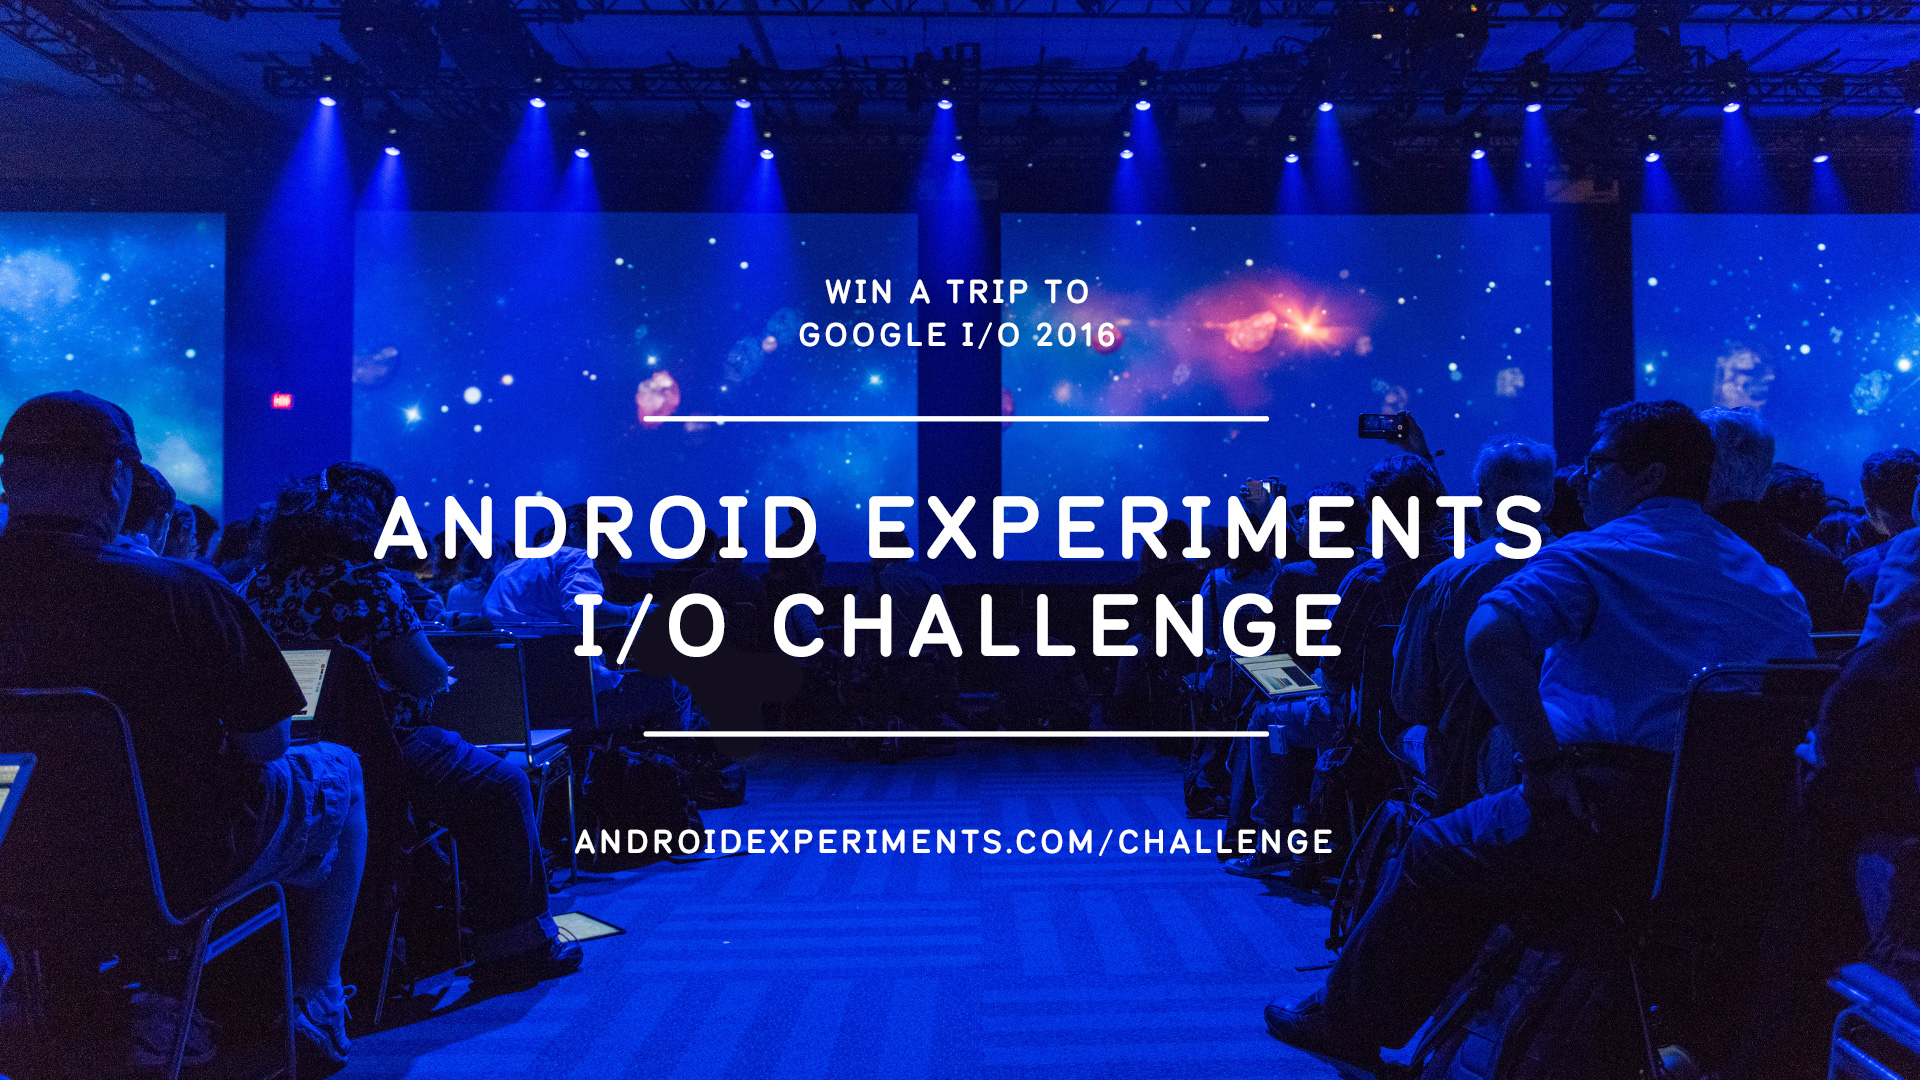 Google esta a procura de desenvolvedores para fazer experimentos loucos em Android 1